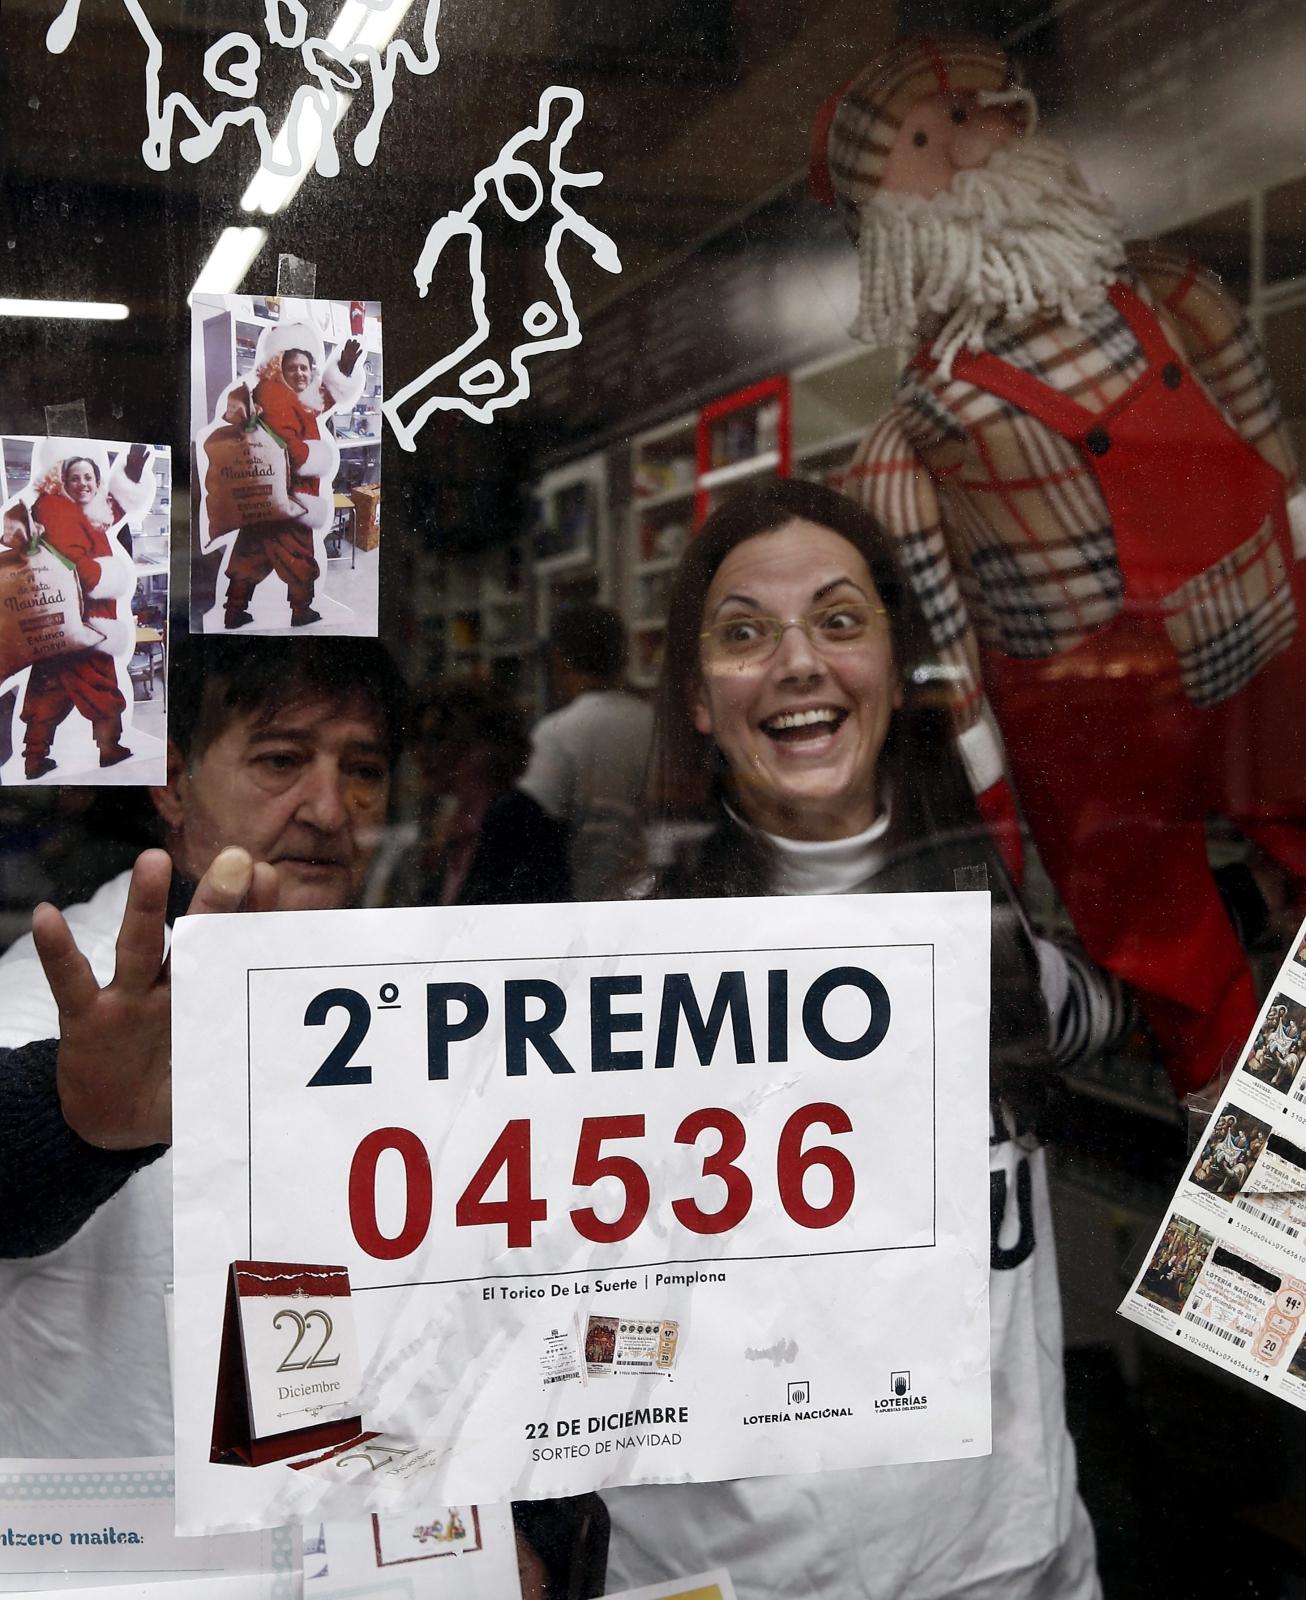 W Hiszpanii wylosowano drugą nagrodę słynnej bożonarodzeniowej loterii El Gordo. Fot. PAP/EPA/JESUS DIGES